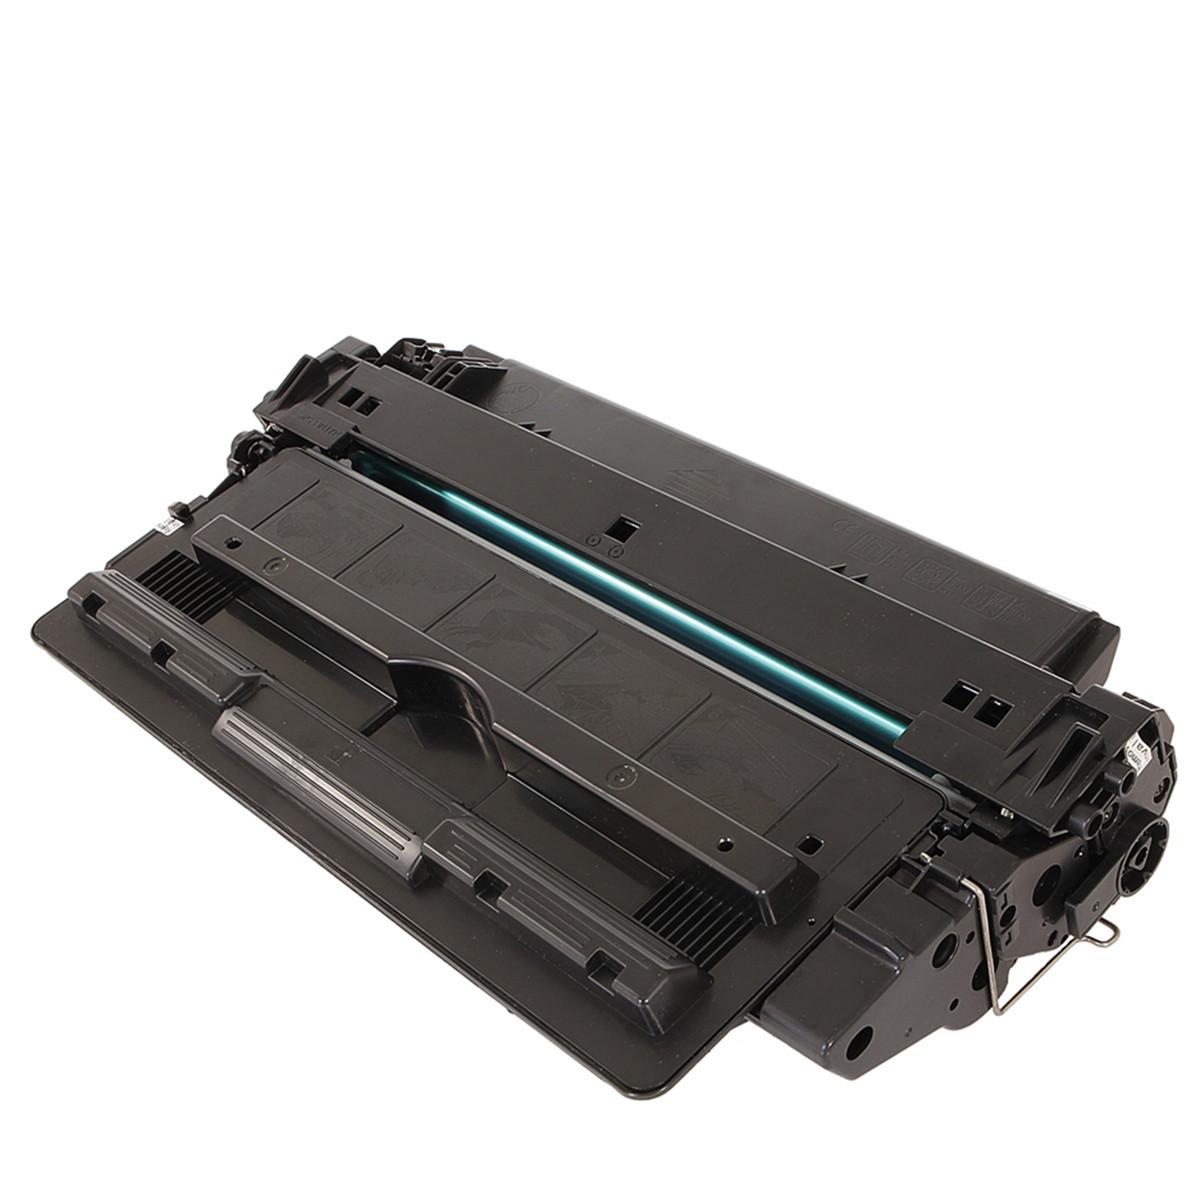 Toner Compatível com HP Q7516A Q7516 | LaserJet 5200 5200N 5200TN 5200DTN | Importado 12k